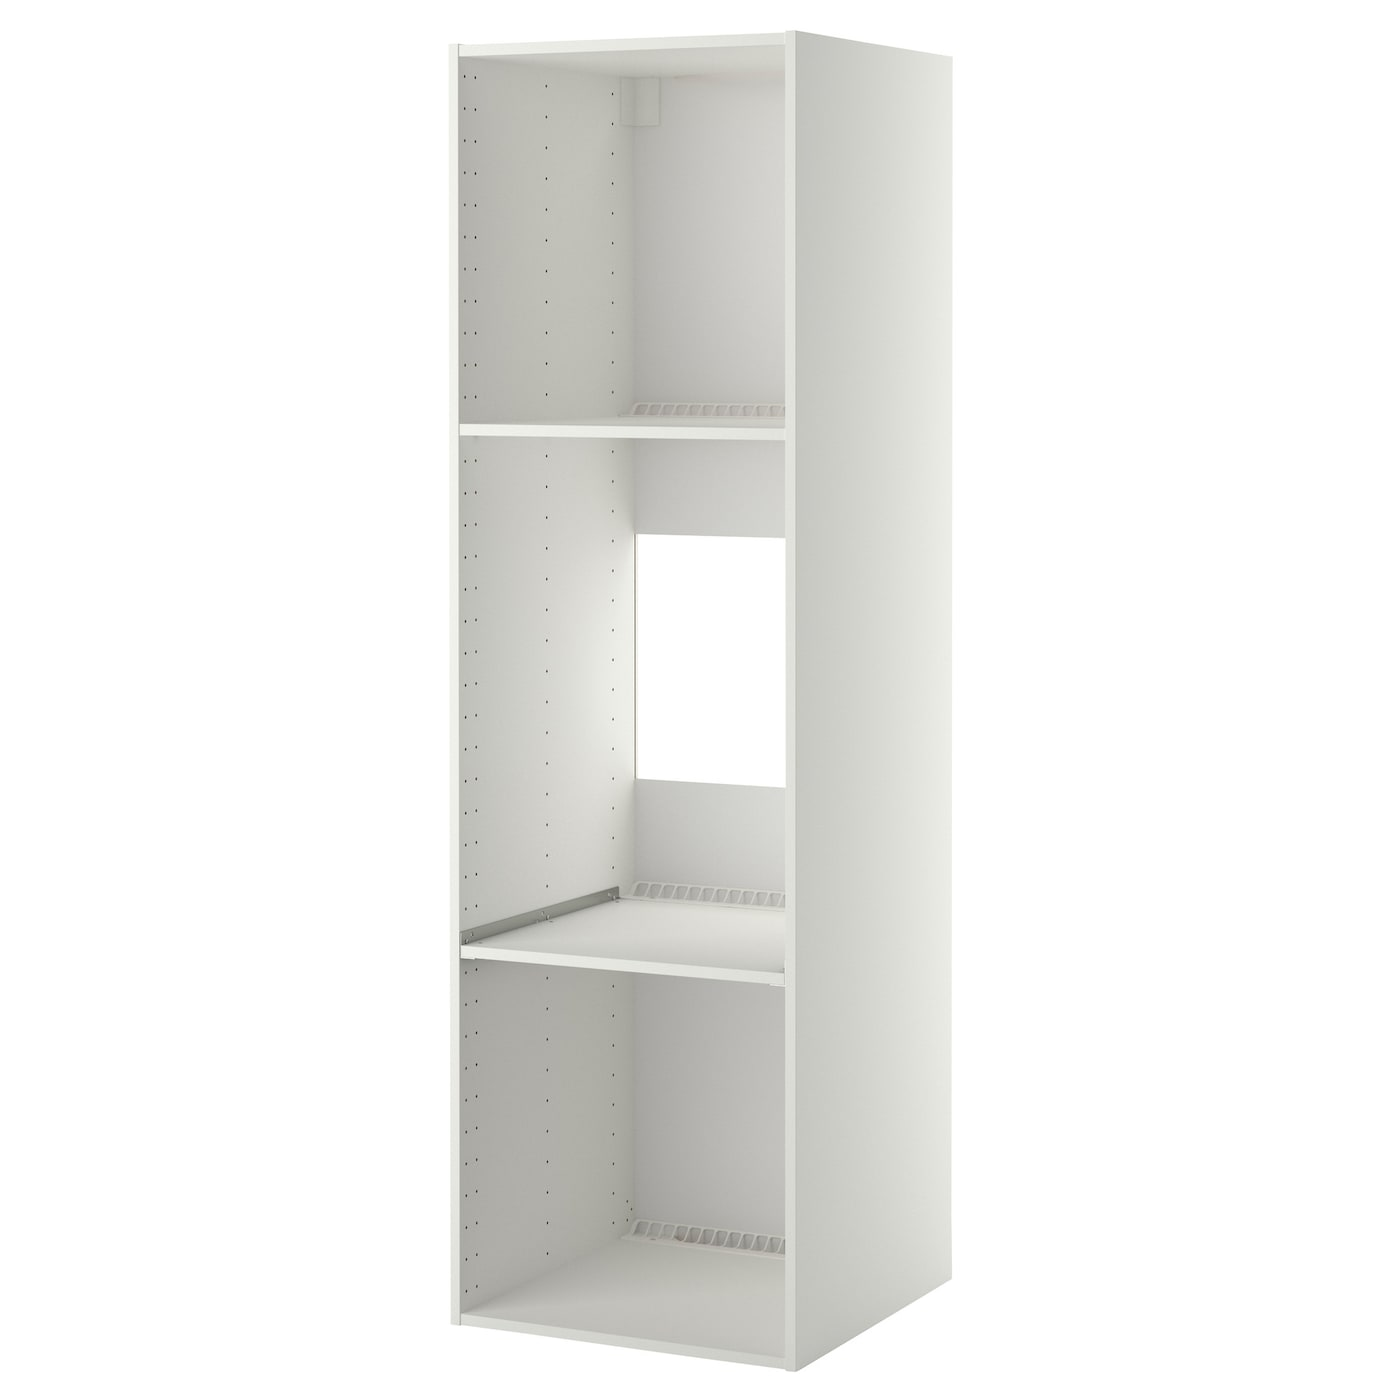 Meuble Sur Frigo Ikea metod caisson arm réfrig/four - blanc 60x60x200 cm